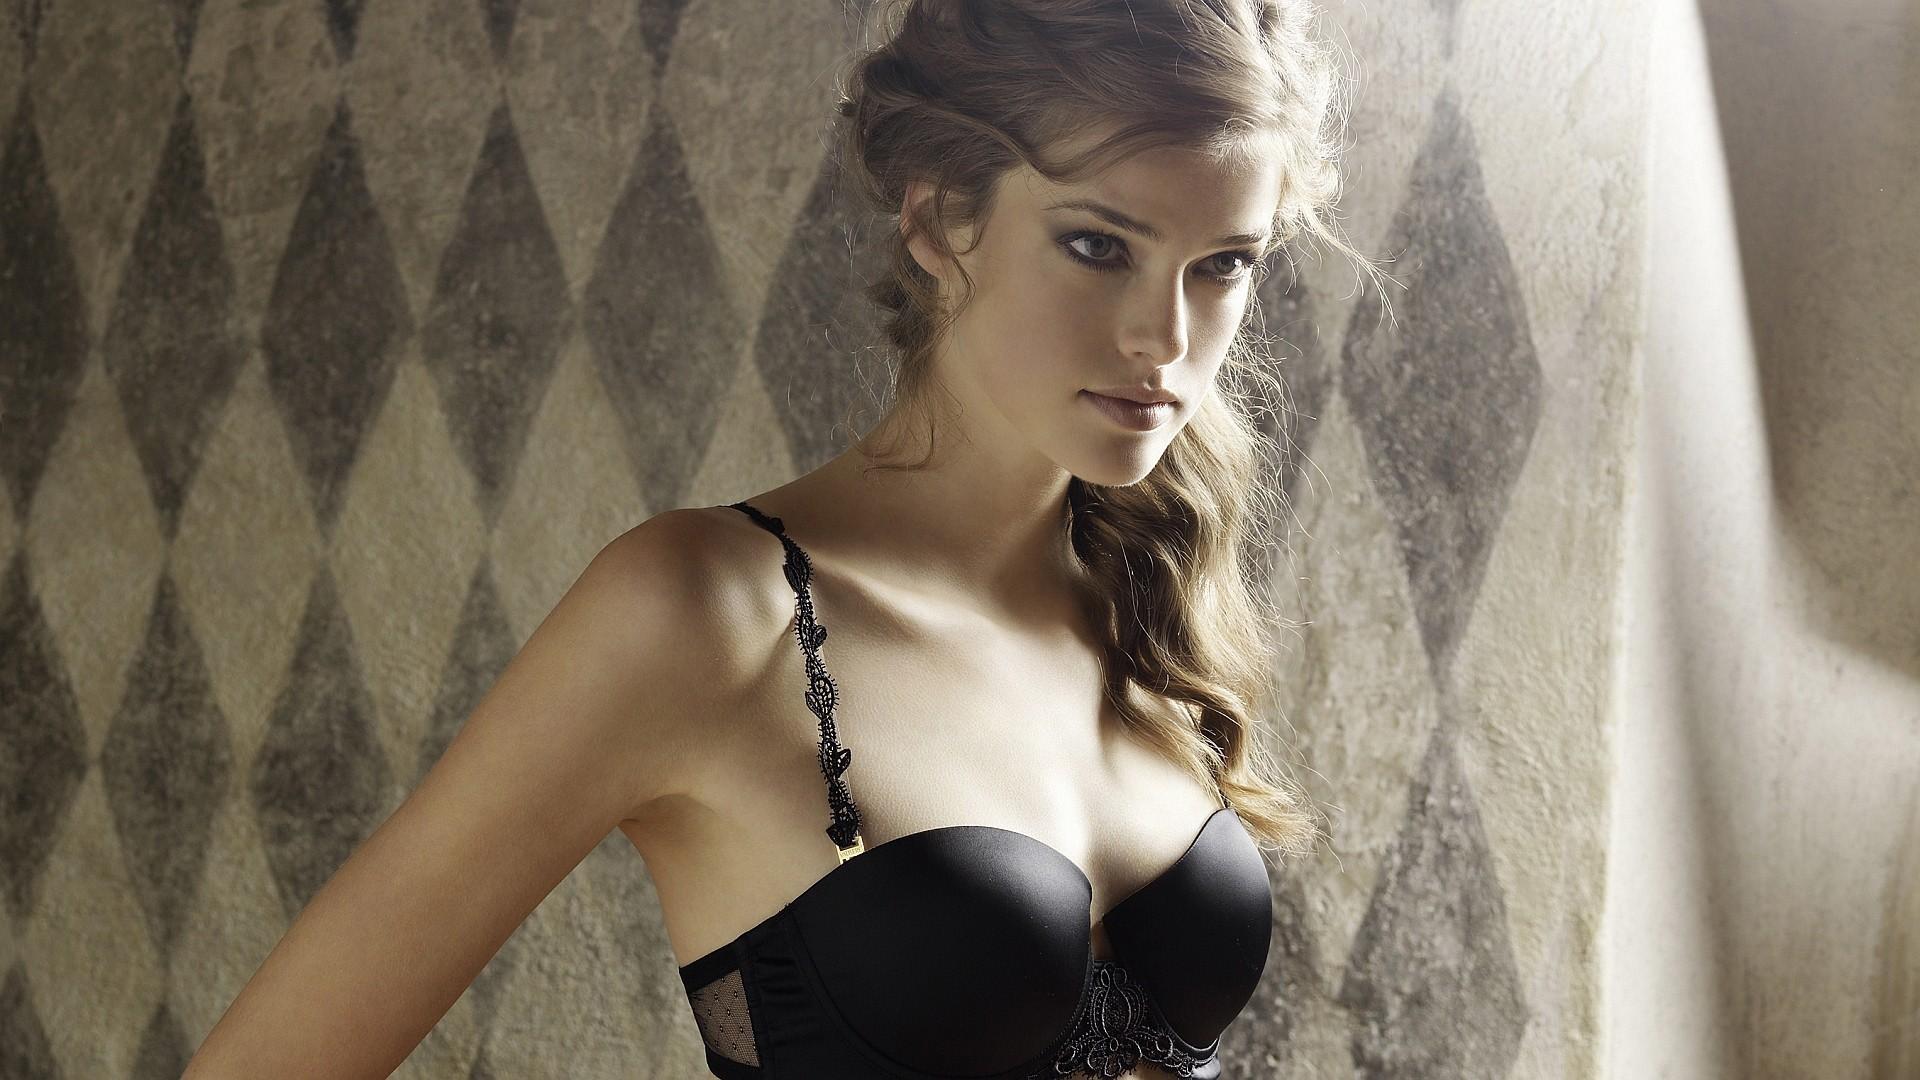 julia saner model, hd girls, 4k wallpapers, images, backgrounds